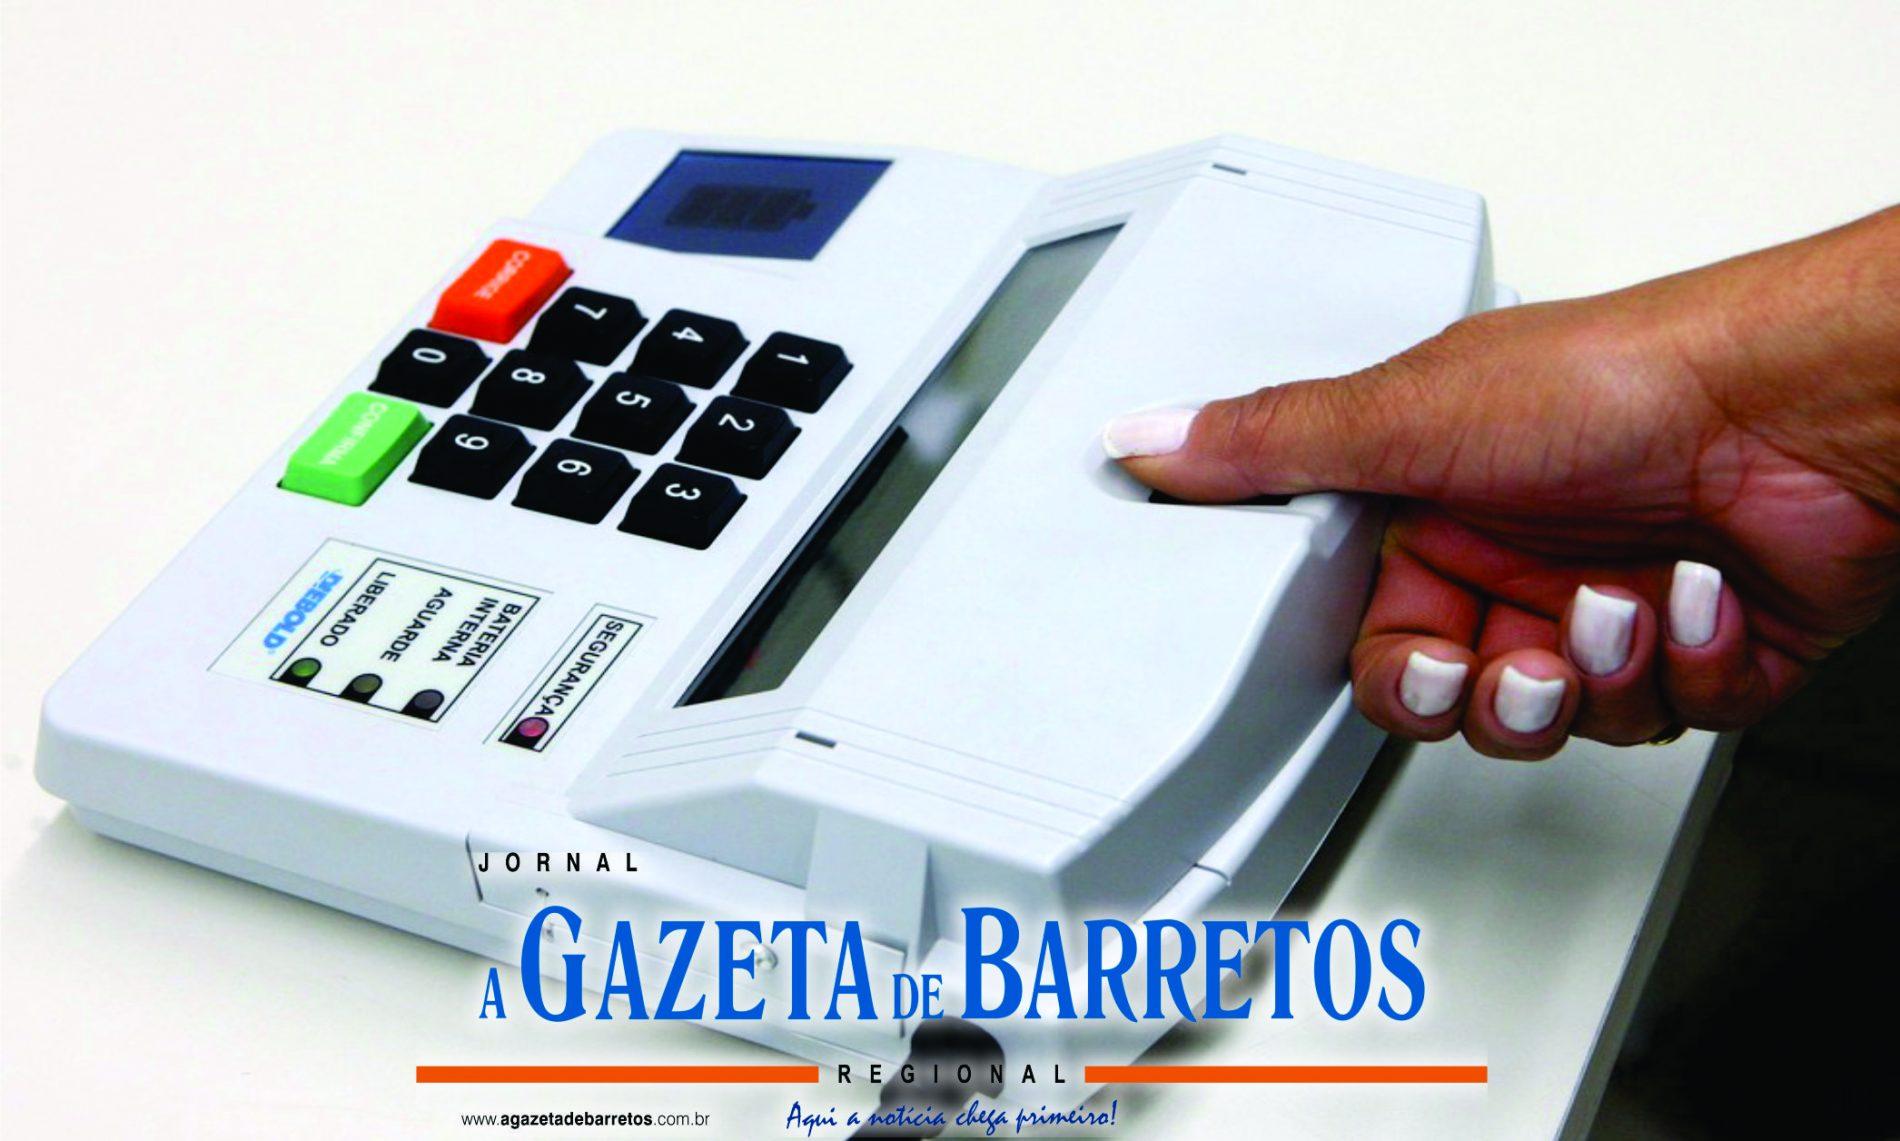 Eleitores sem cadastro biométrico têm até maio para regularizar situação na região de Ribeirão Preto